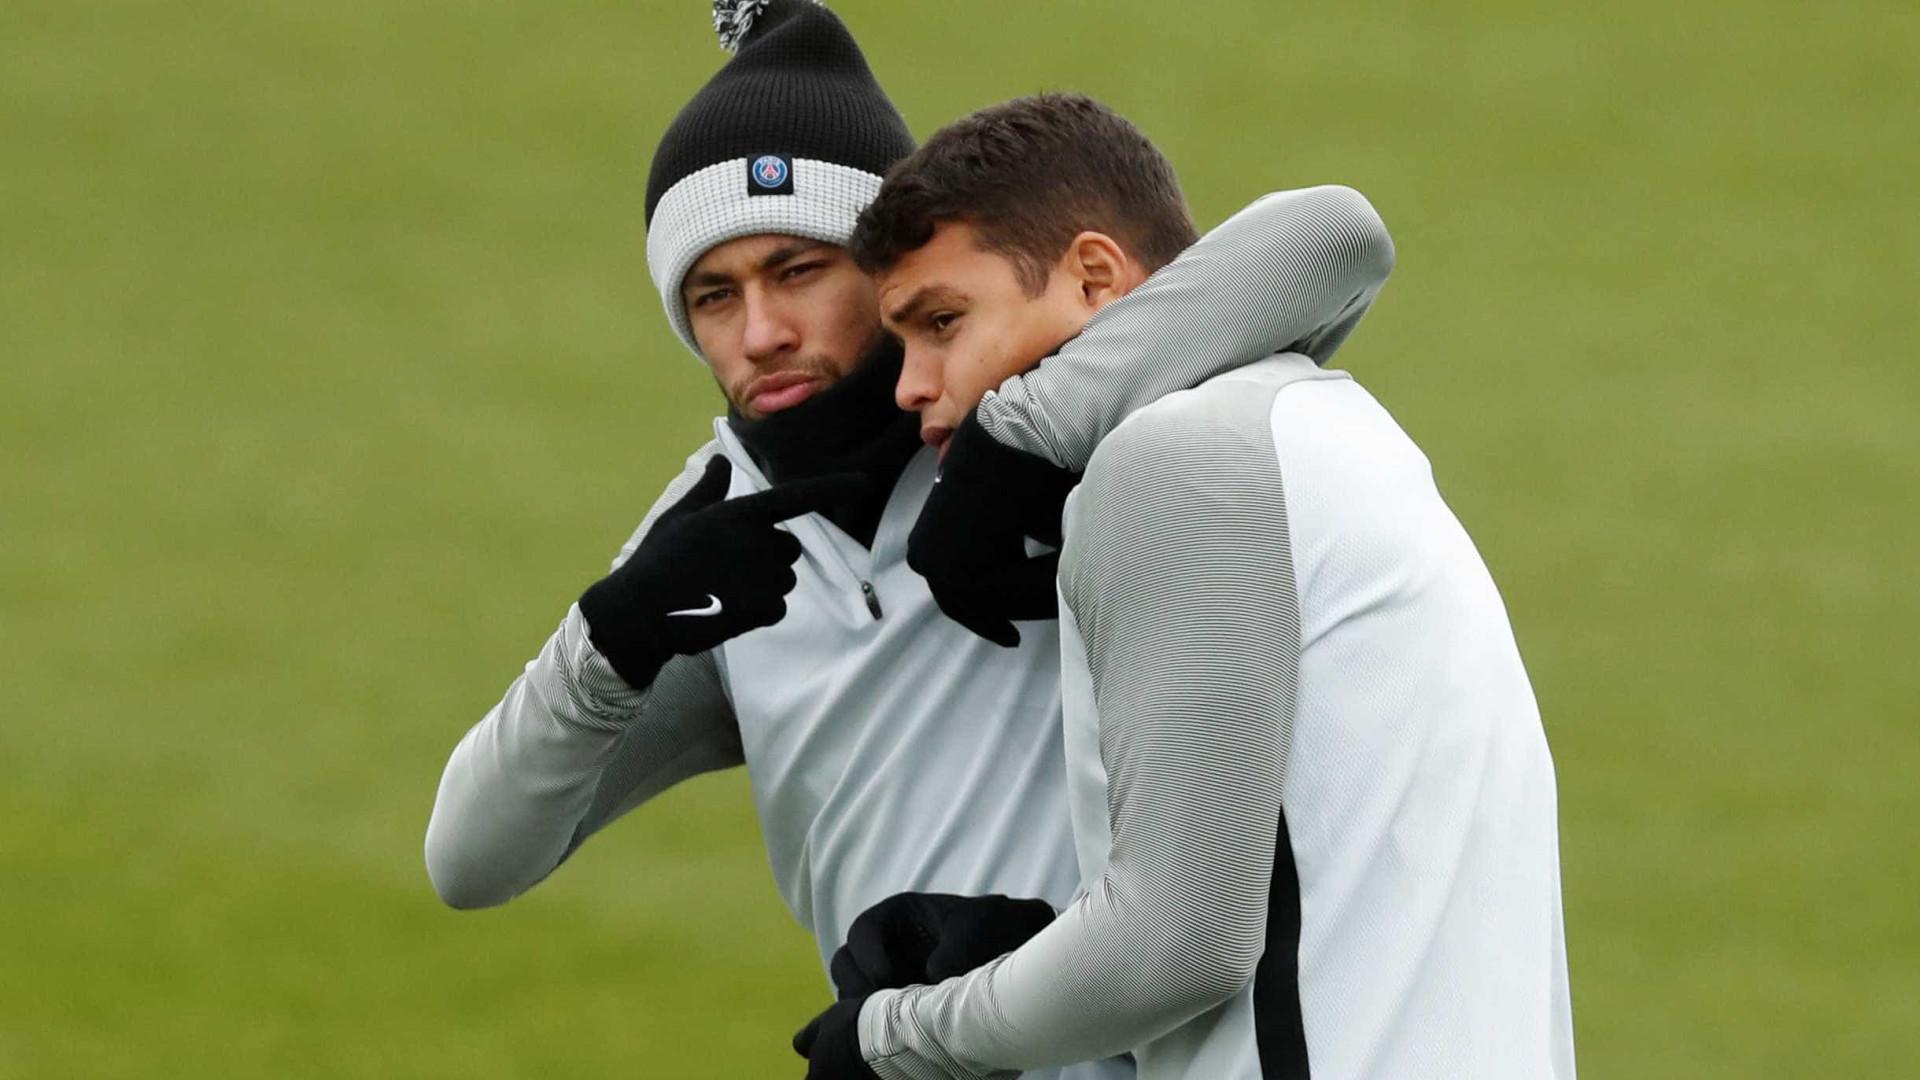 Em Madrid, PSG e Neymar começam a desafiar o Real Madrid de CR7